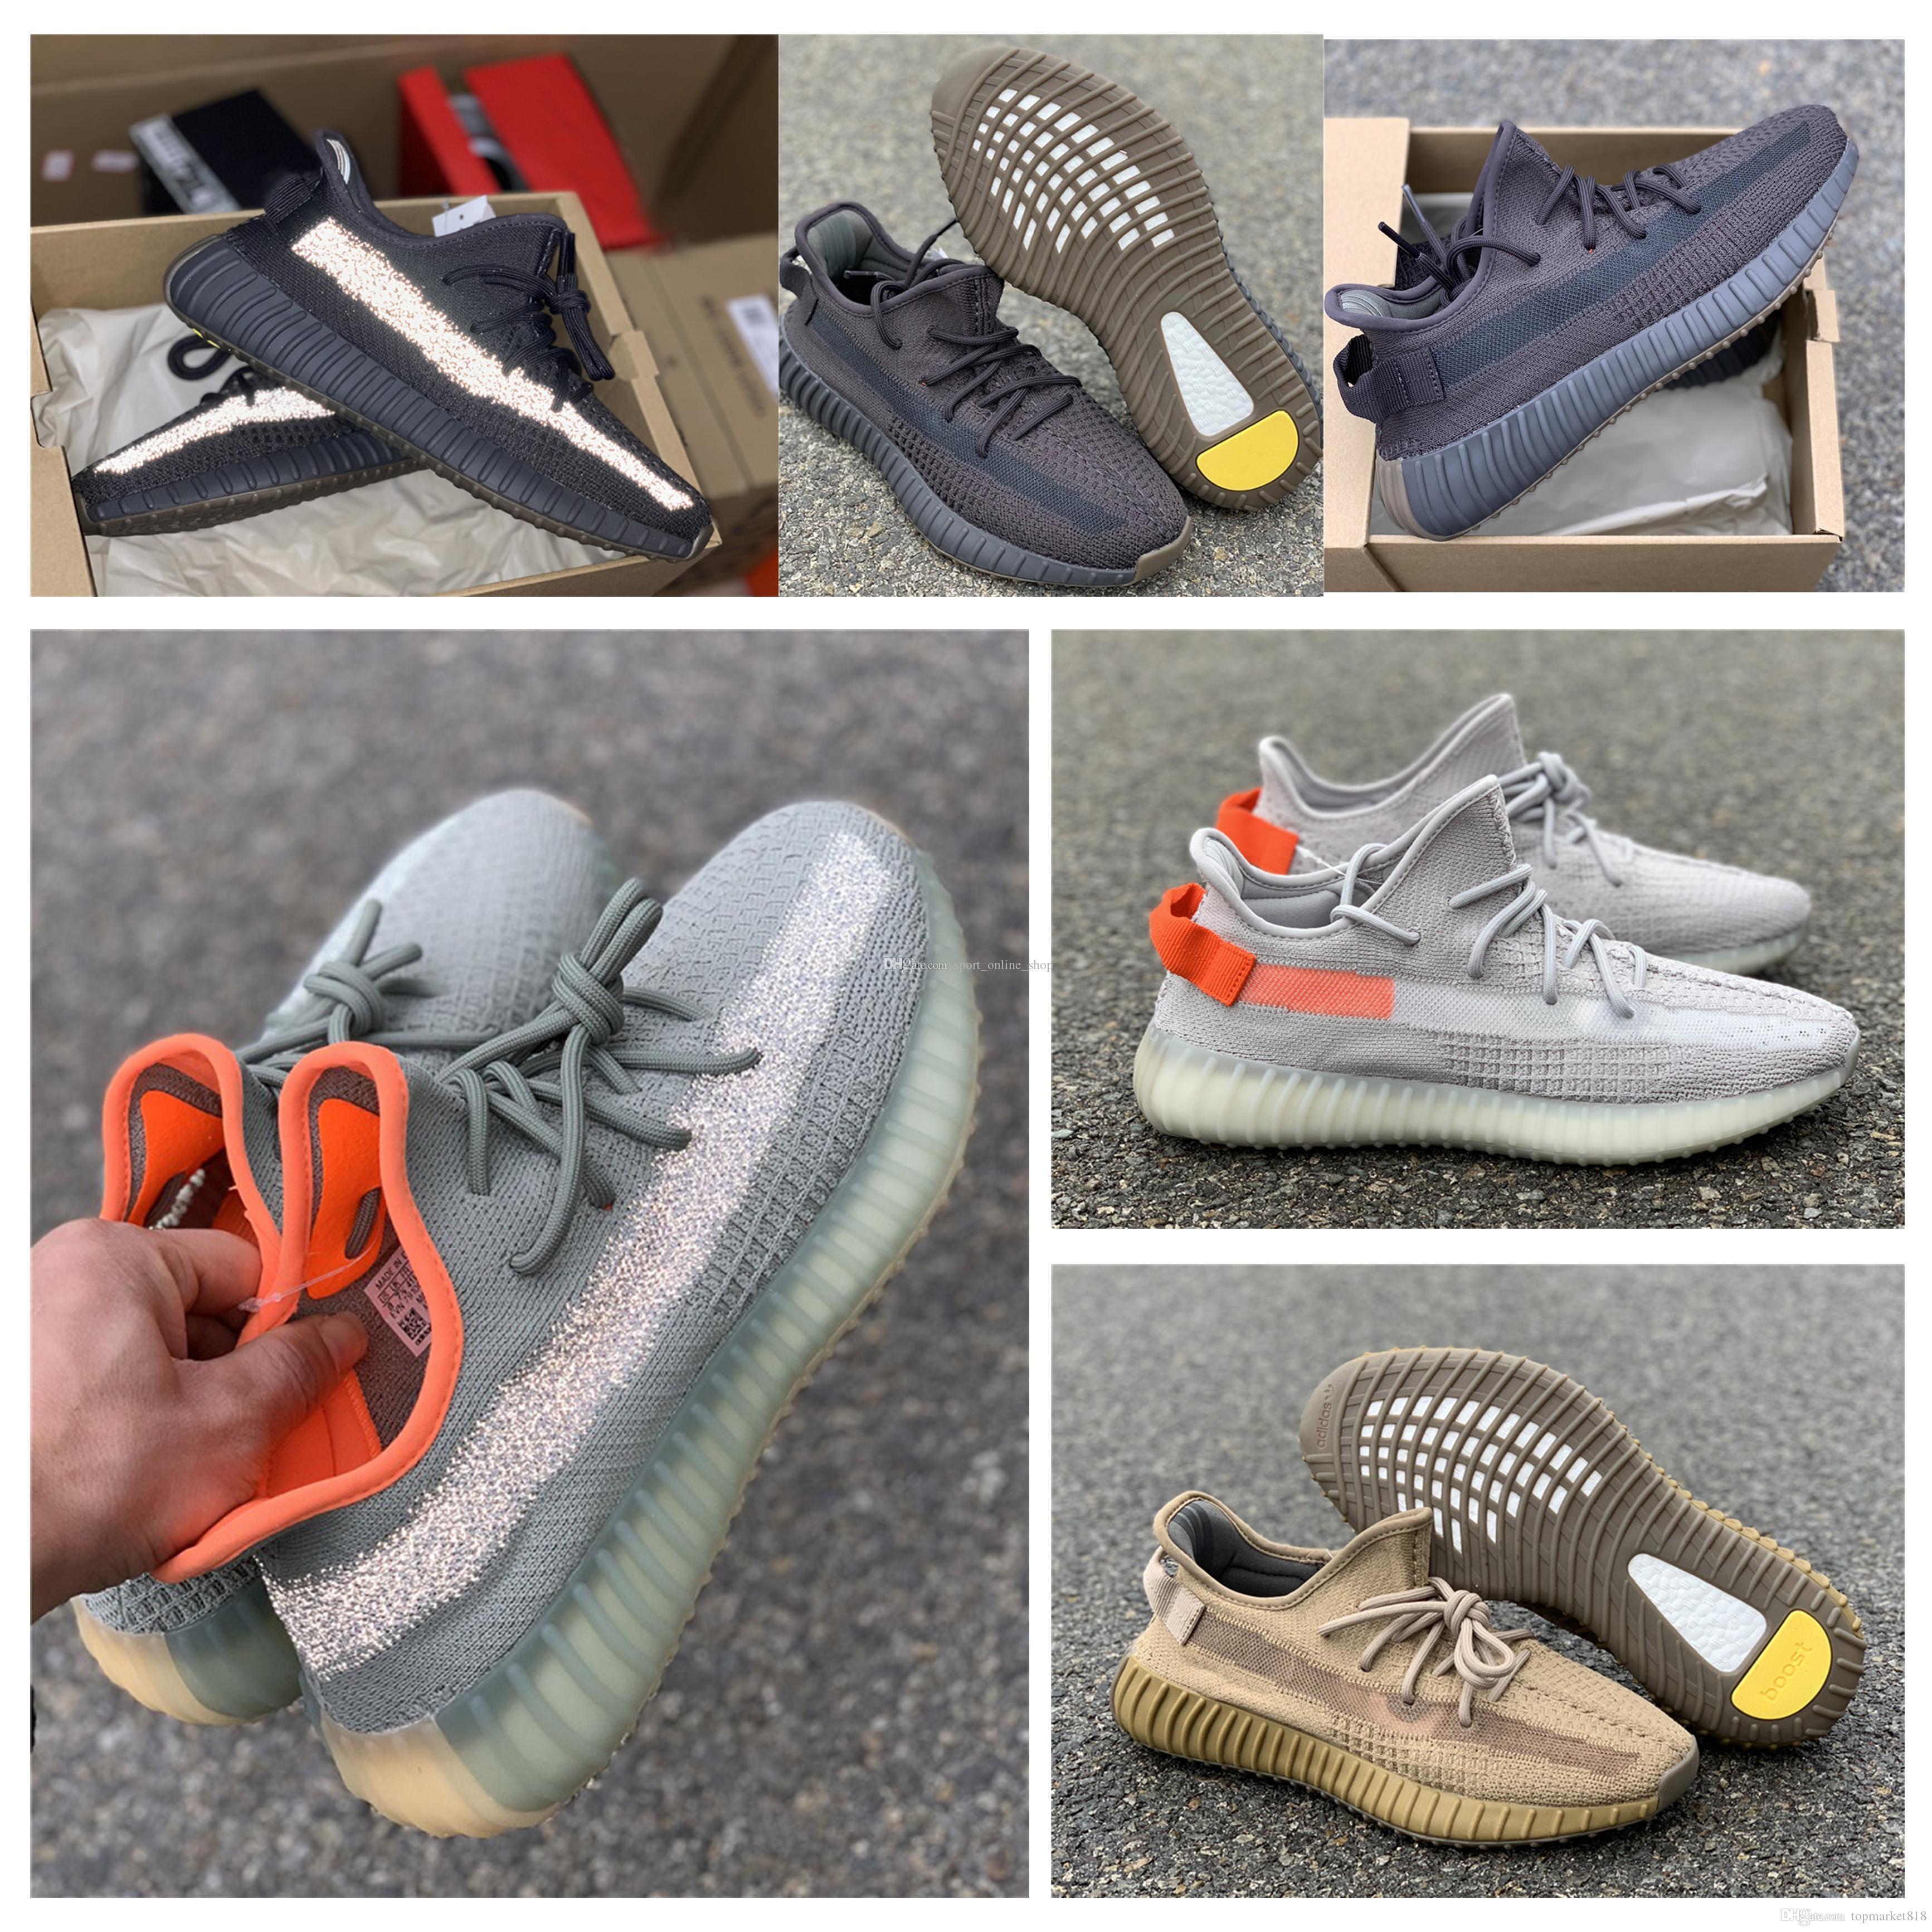 En Yeni kanye v2 Çöl Adaçayı cüruf Dünya'nın yecheil 3M çalışan yansıtıcı ayakkabı Zyon siyah statik Kuyruk Işık Keten erkekler kadınlar spor ayakkabıları keten